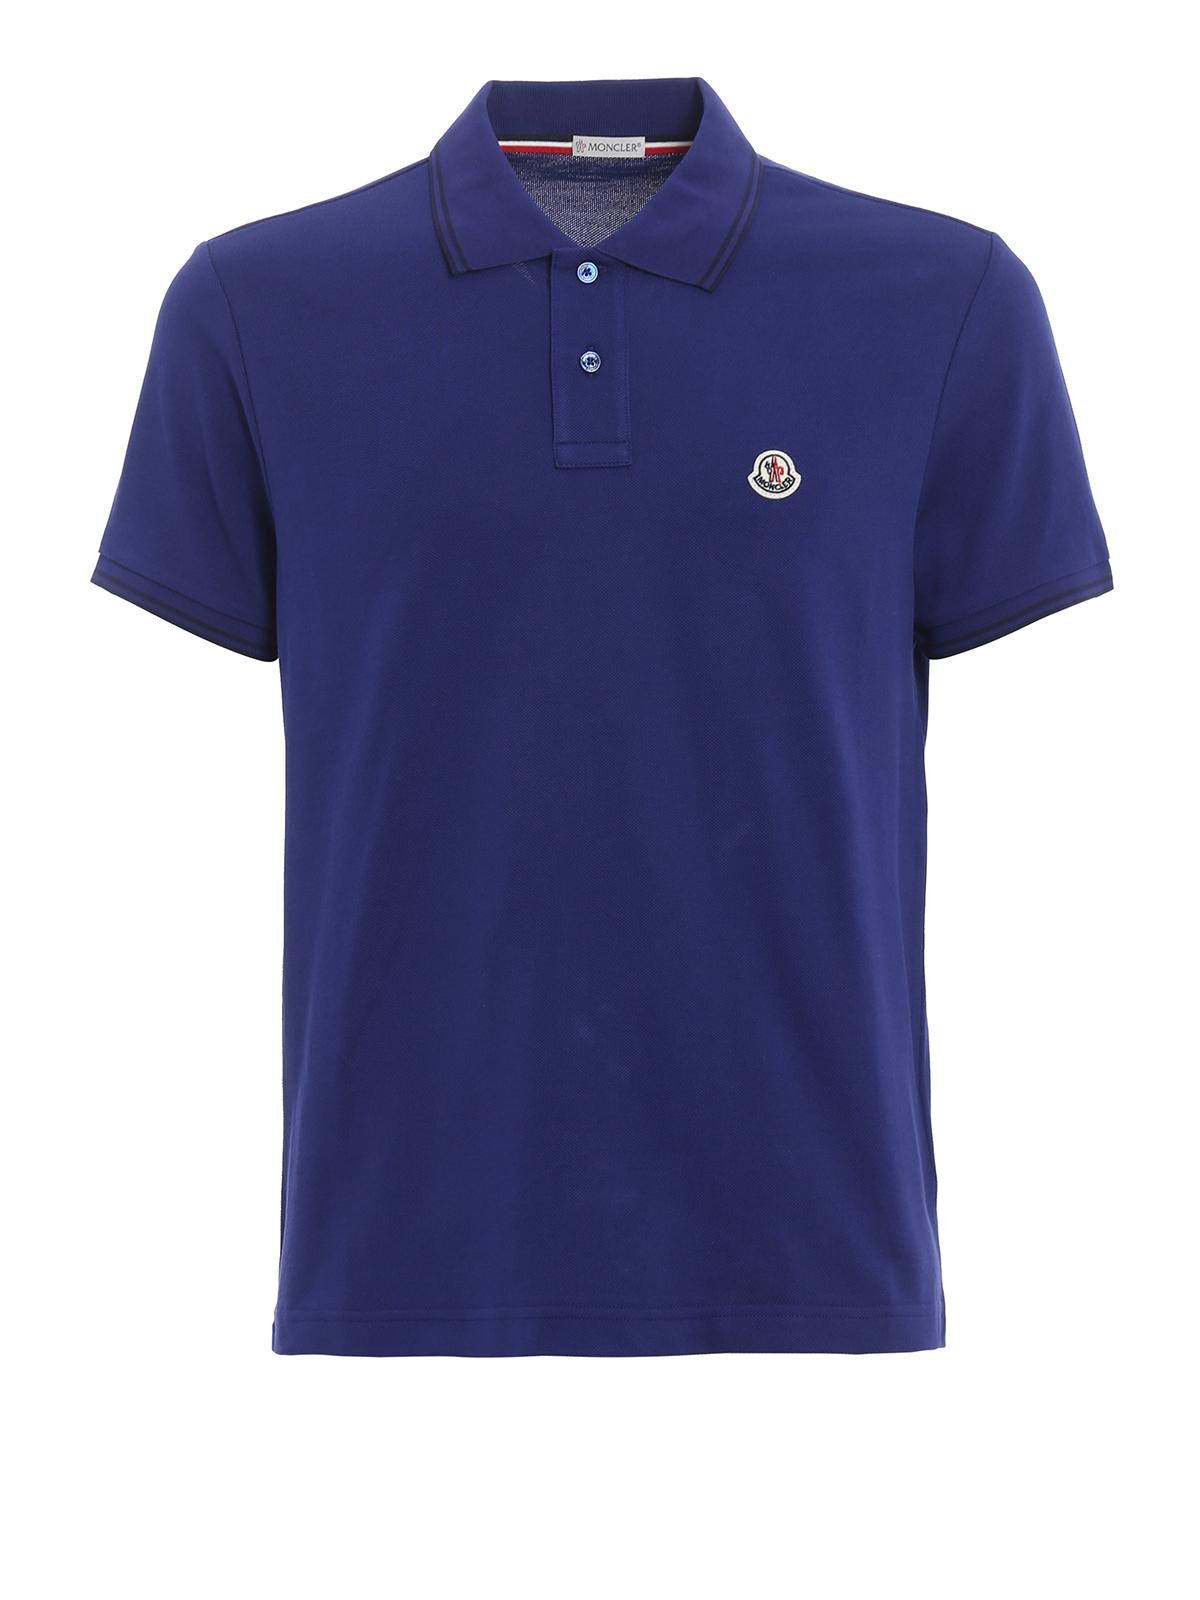 Cotton Striped Collar Polo Shirt By Moncler Polo Shirts